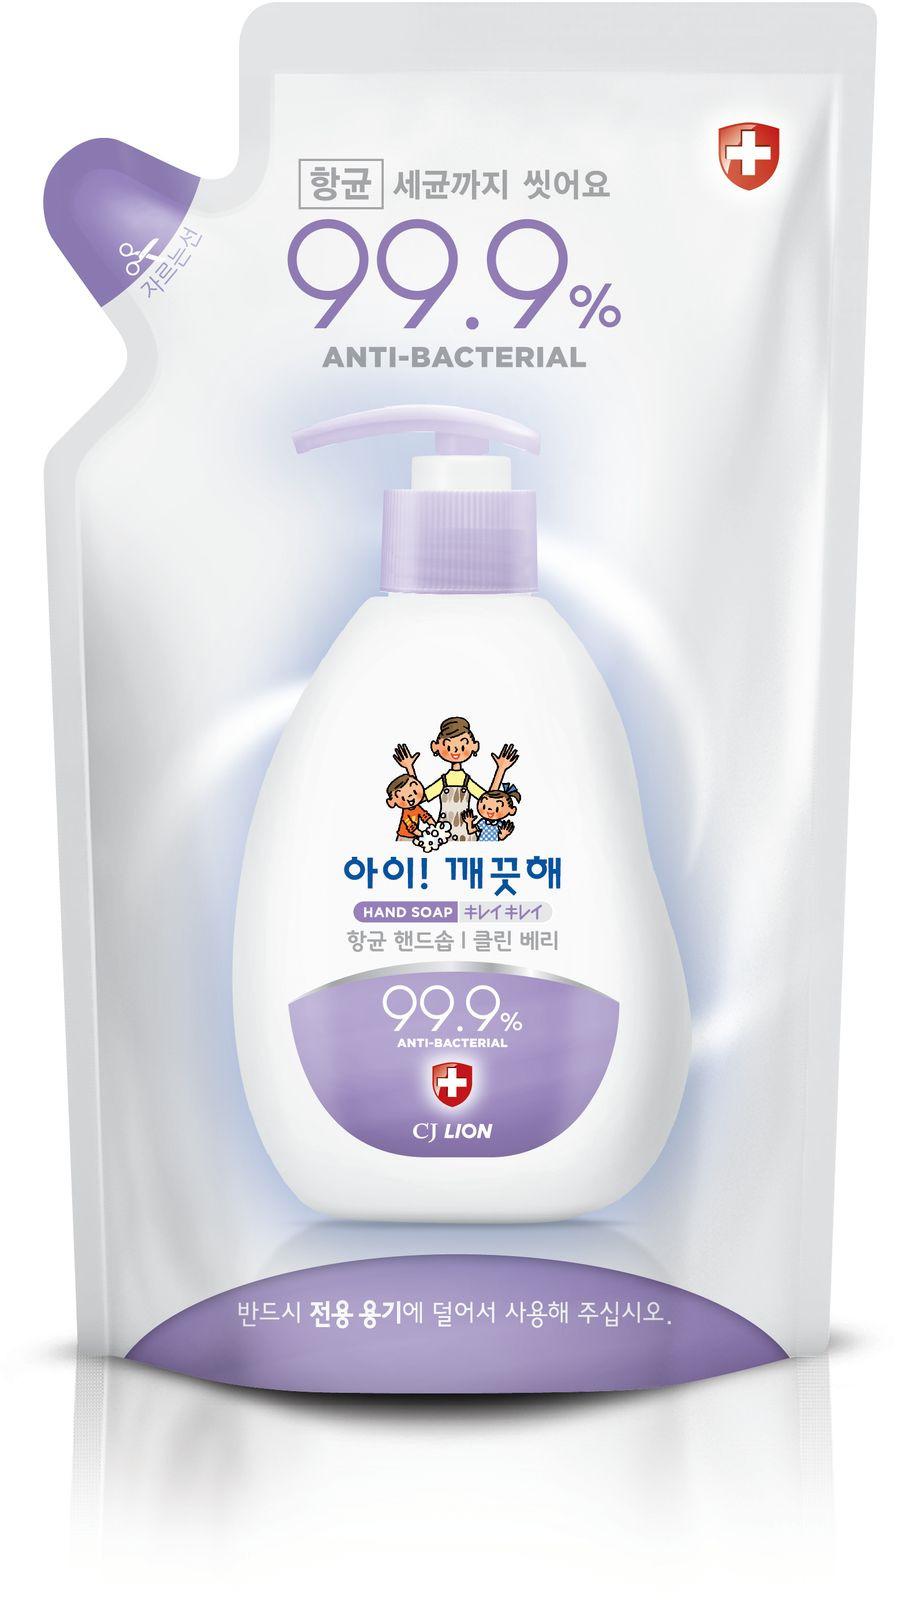 Жидкое мыло CJ Lion Ai-Kekute Сочная ягода, антибактериальное, запасной блок, 200 мл